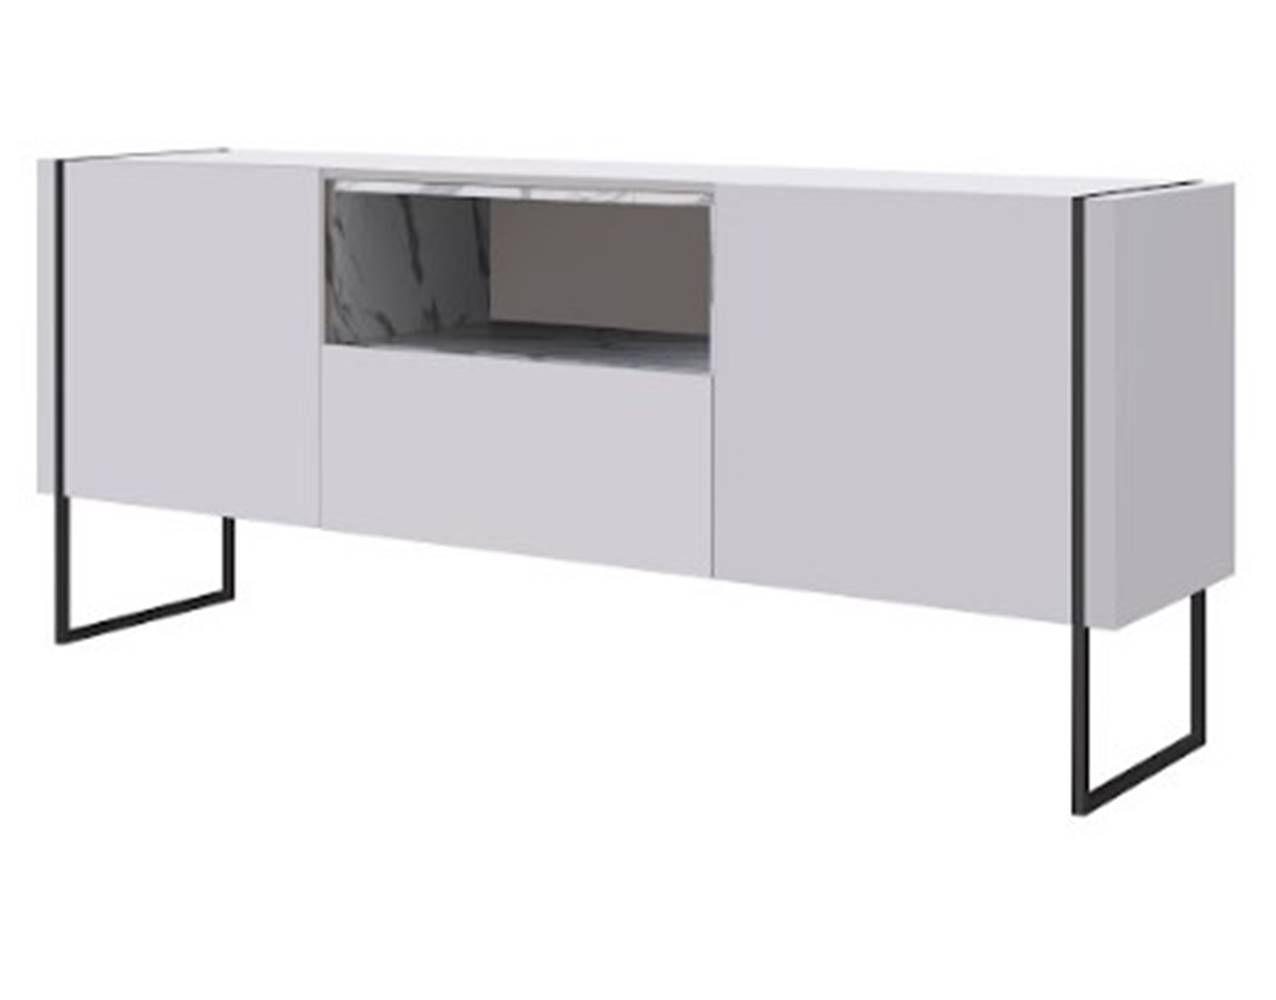 Buffet Radaelli Branco Estrutura Preta e Acabamento Thassos 1470mm - 59160